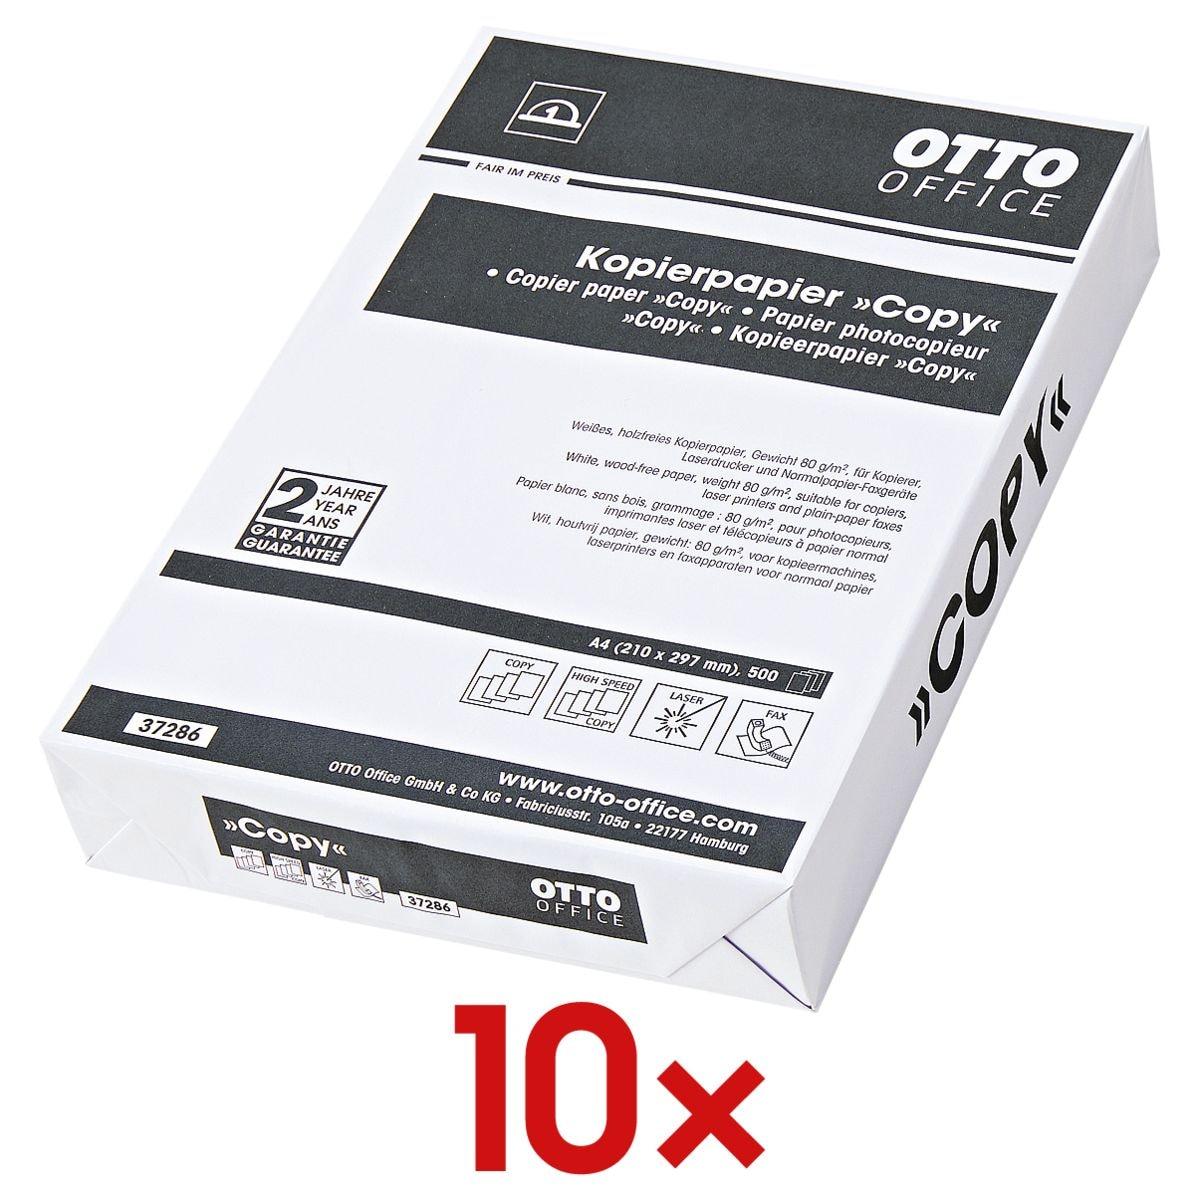 10x Kopierpapier A4 OTTO Office Budget COPY - 5000 Blatt gesamt, 80g/qm